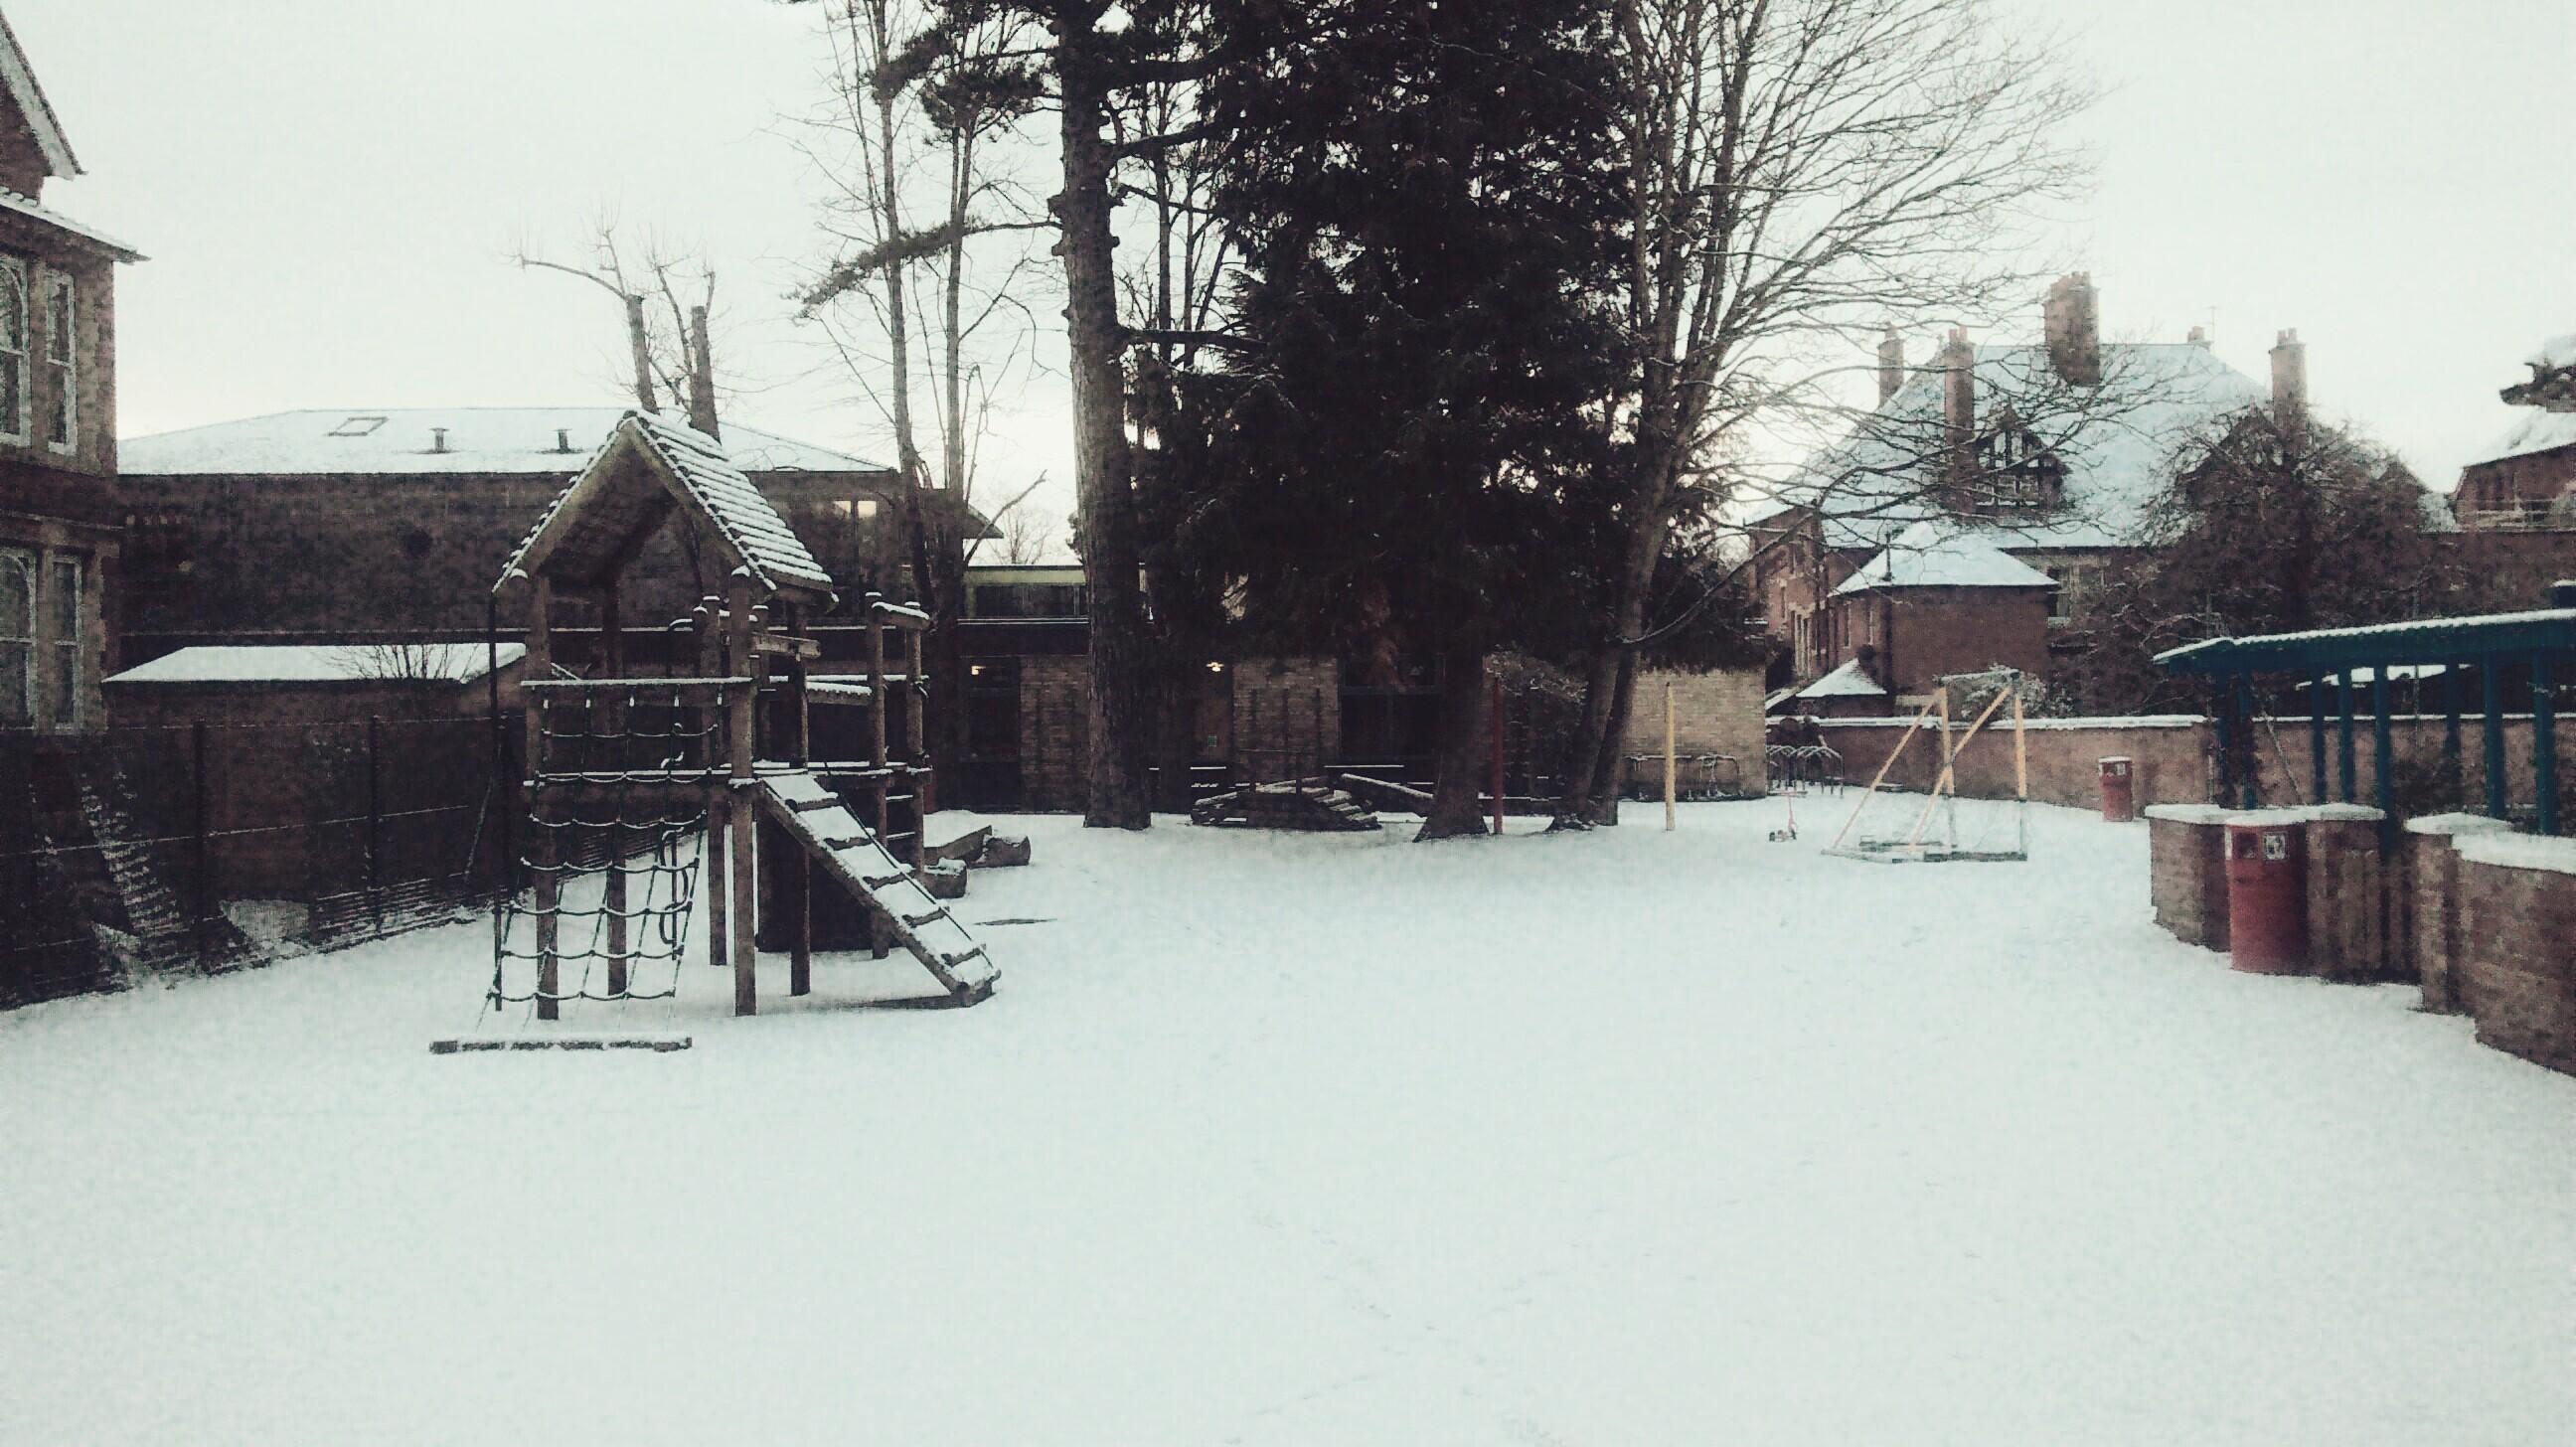 Staloysius-snow-Feb2015